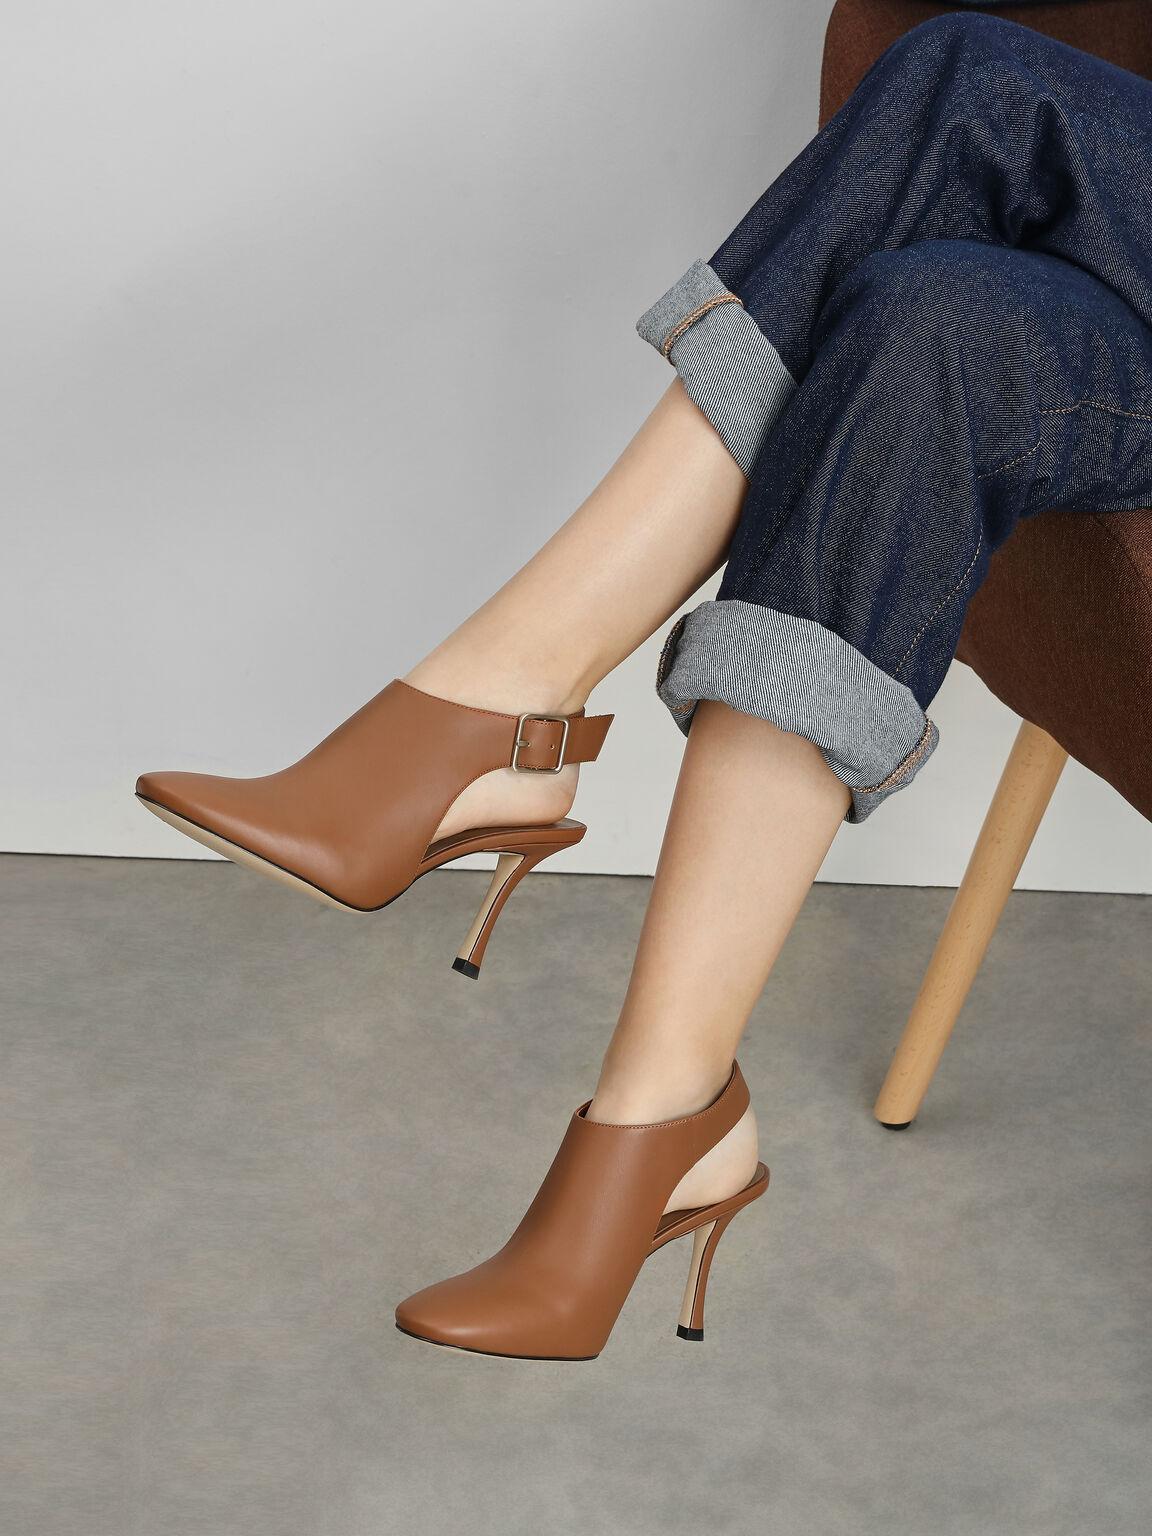 Slingback Ankle Boots, Cognac, hi-res